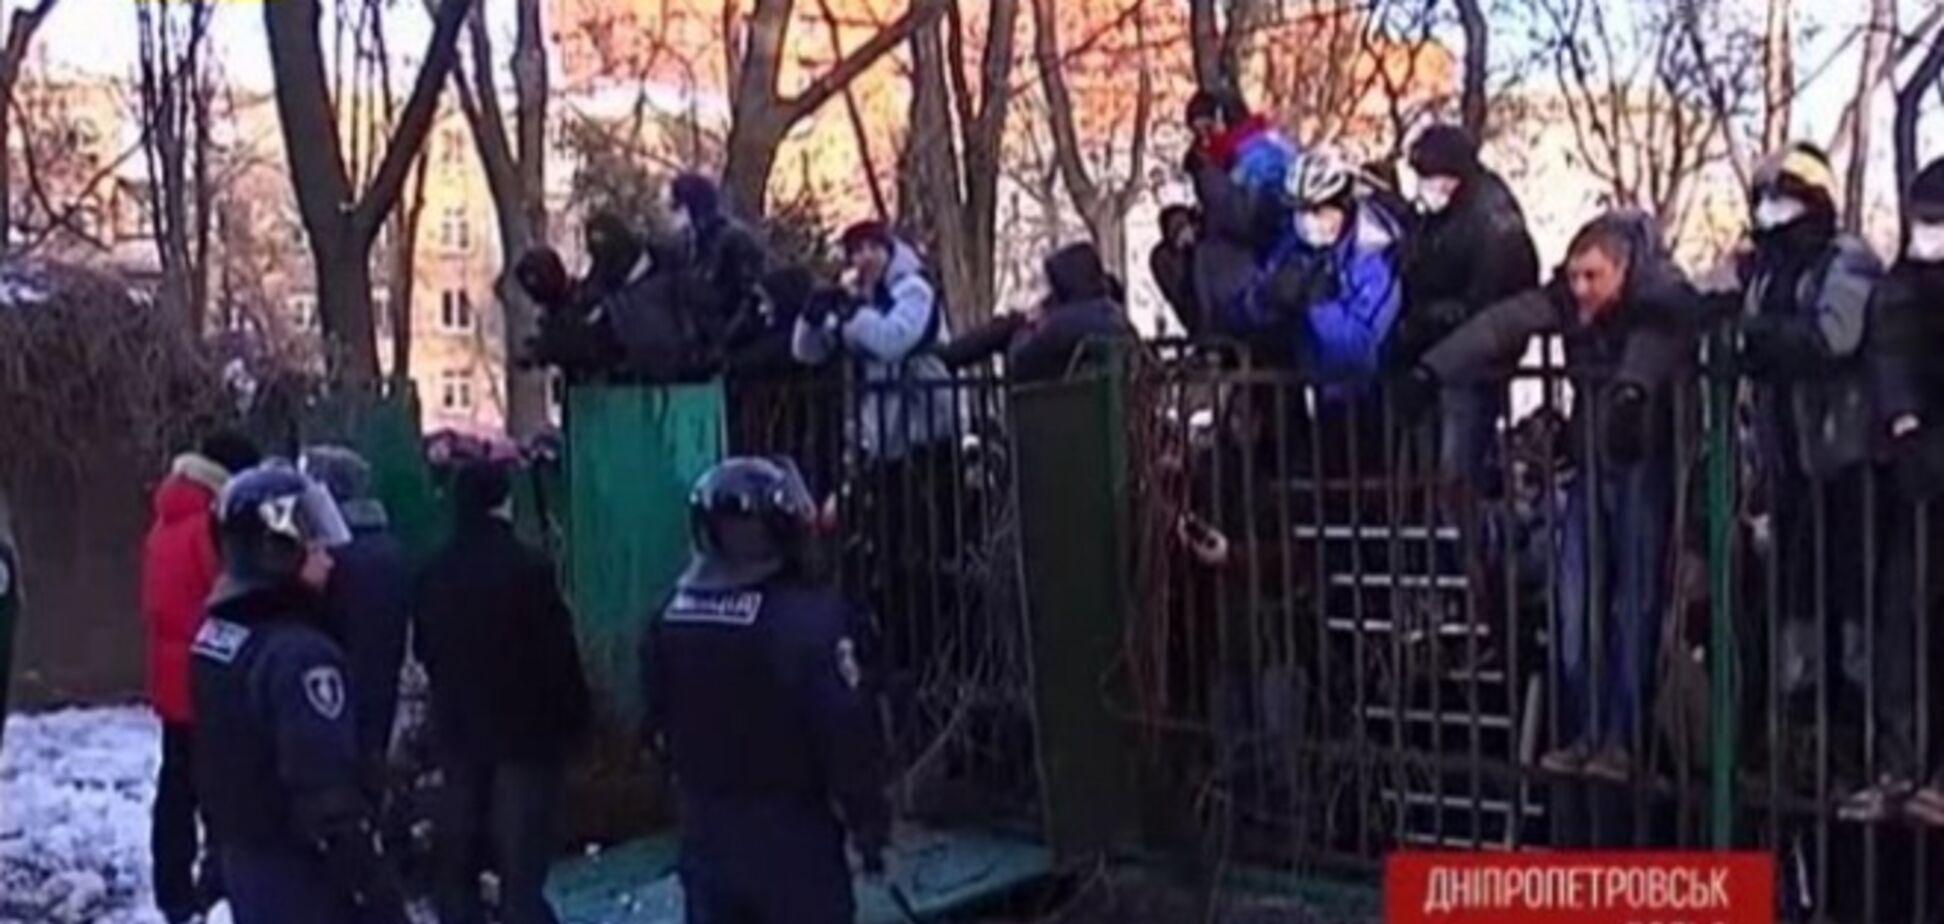 В Днепропетровске из 300 титушек, избивавших майдановцев, идентифицировали только 5